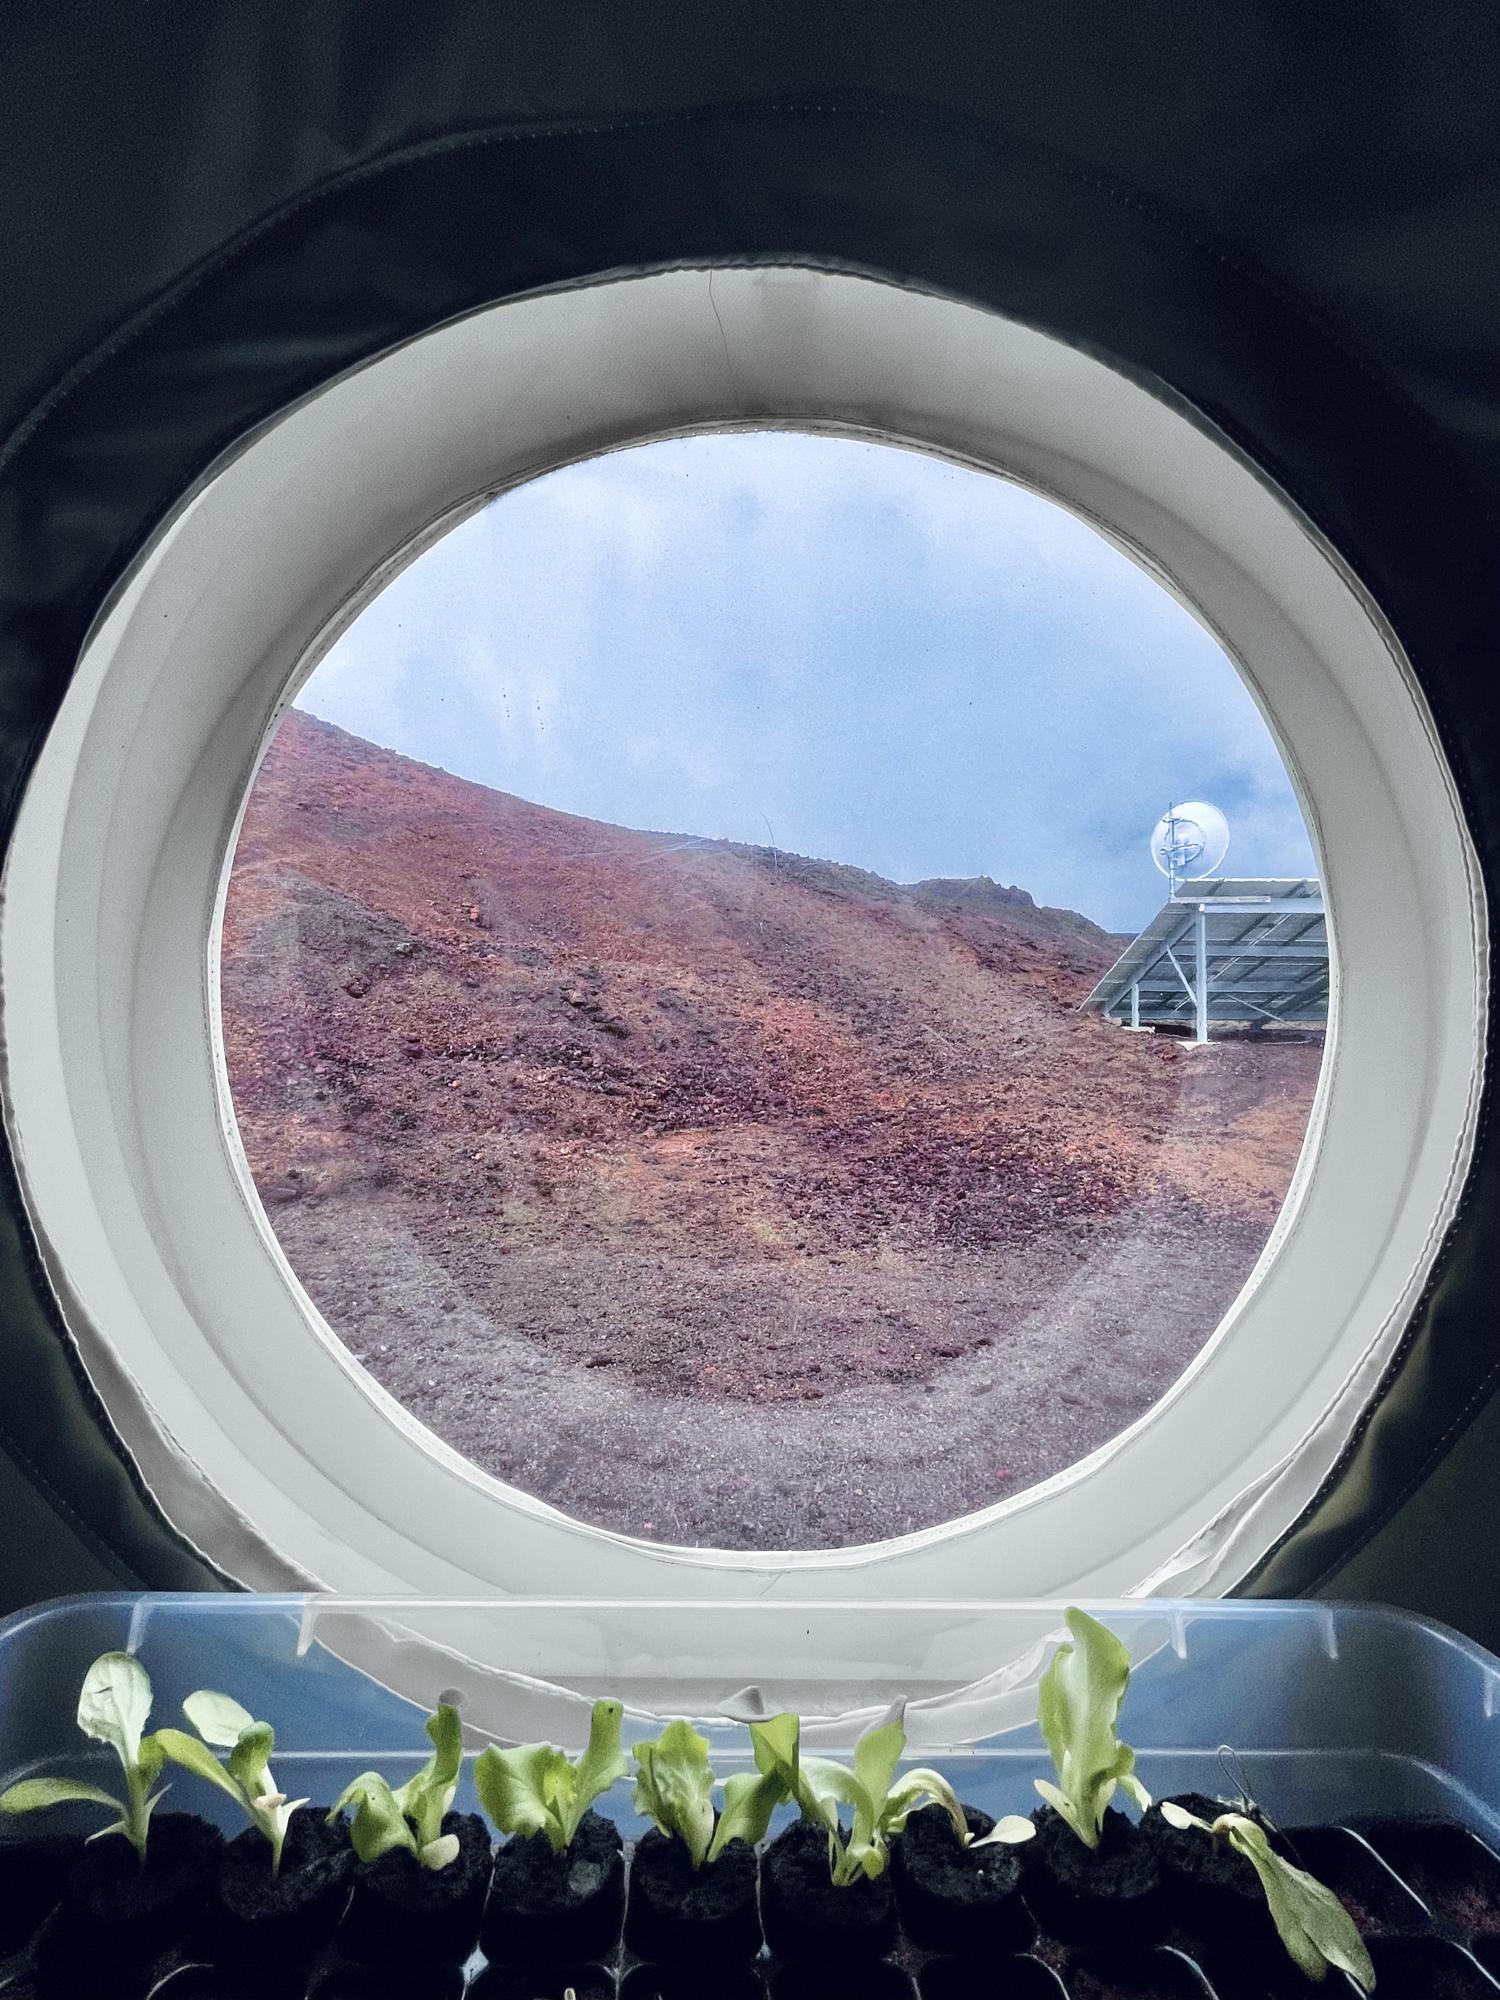 Les premières récoltes de Valoria 1 sur Mars.